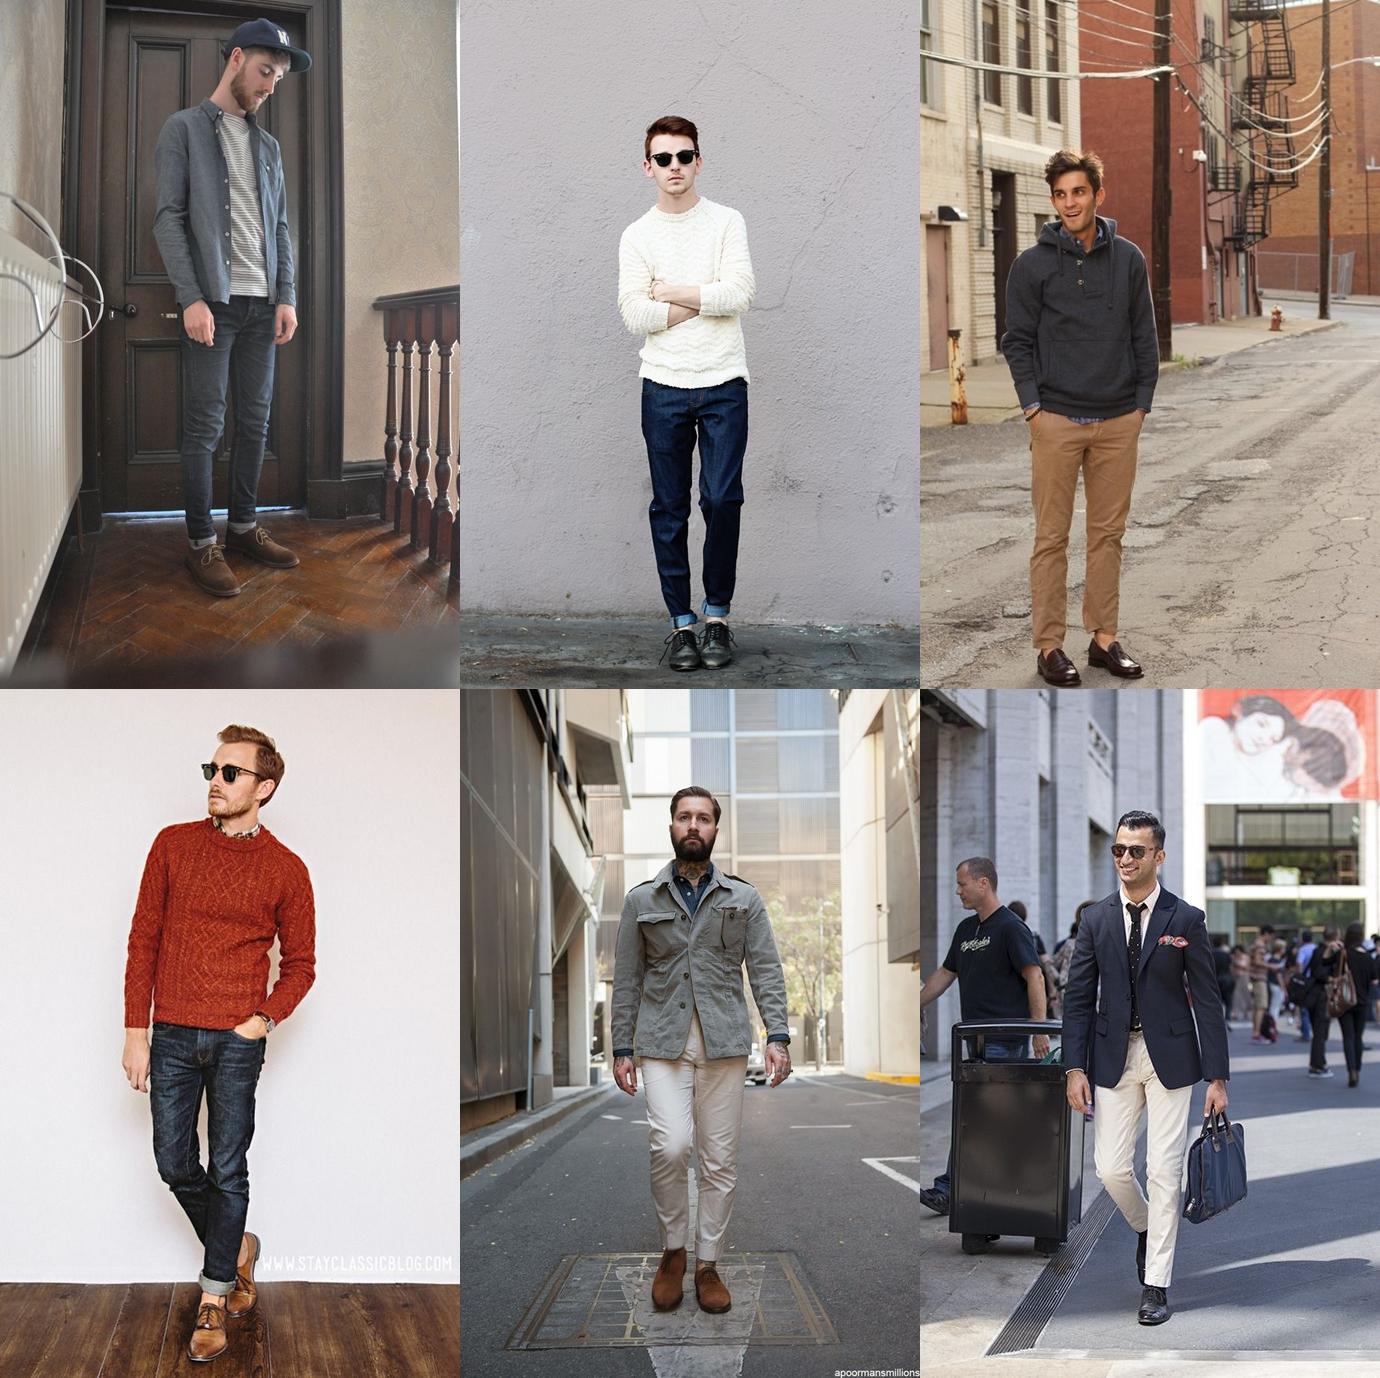 calça masculina, calça 2015, modelo de calça, cortes masculinos, spfw, joão pimenta, tng, moda, fashion, alex cursino, moda sem censura, style, estilo, blogger, 3